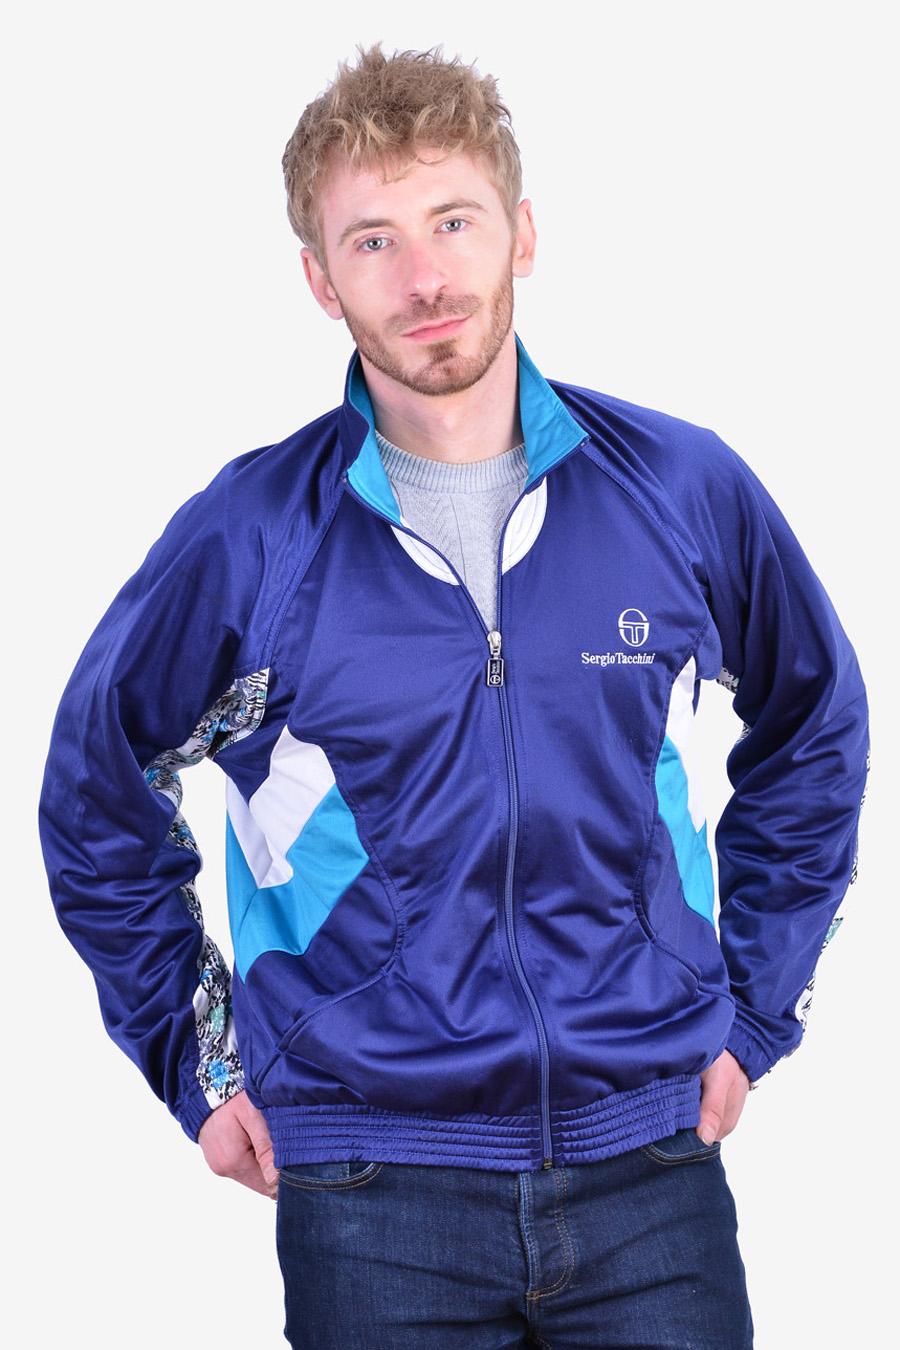 Vintage Sergio Tacchini track jacket